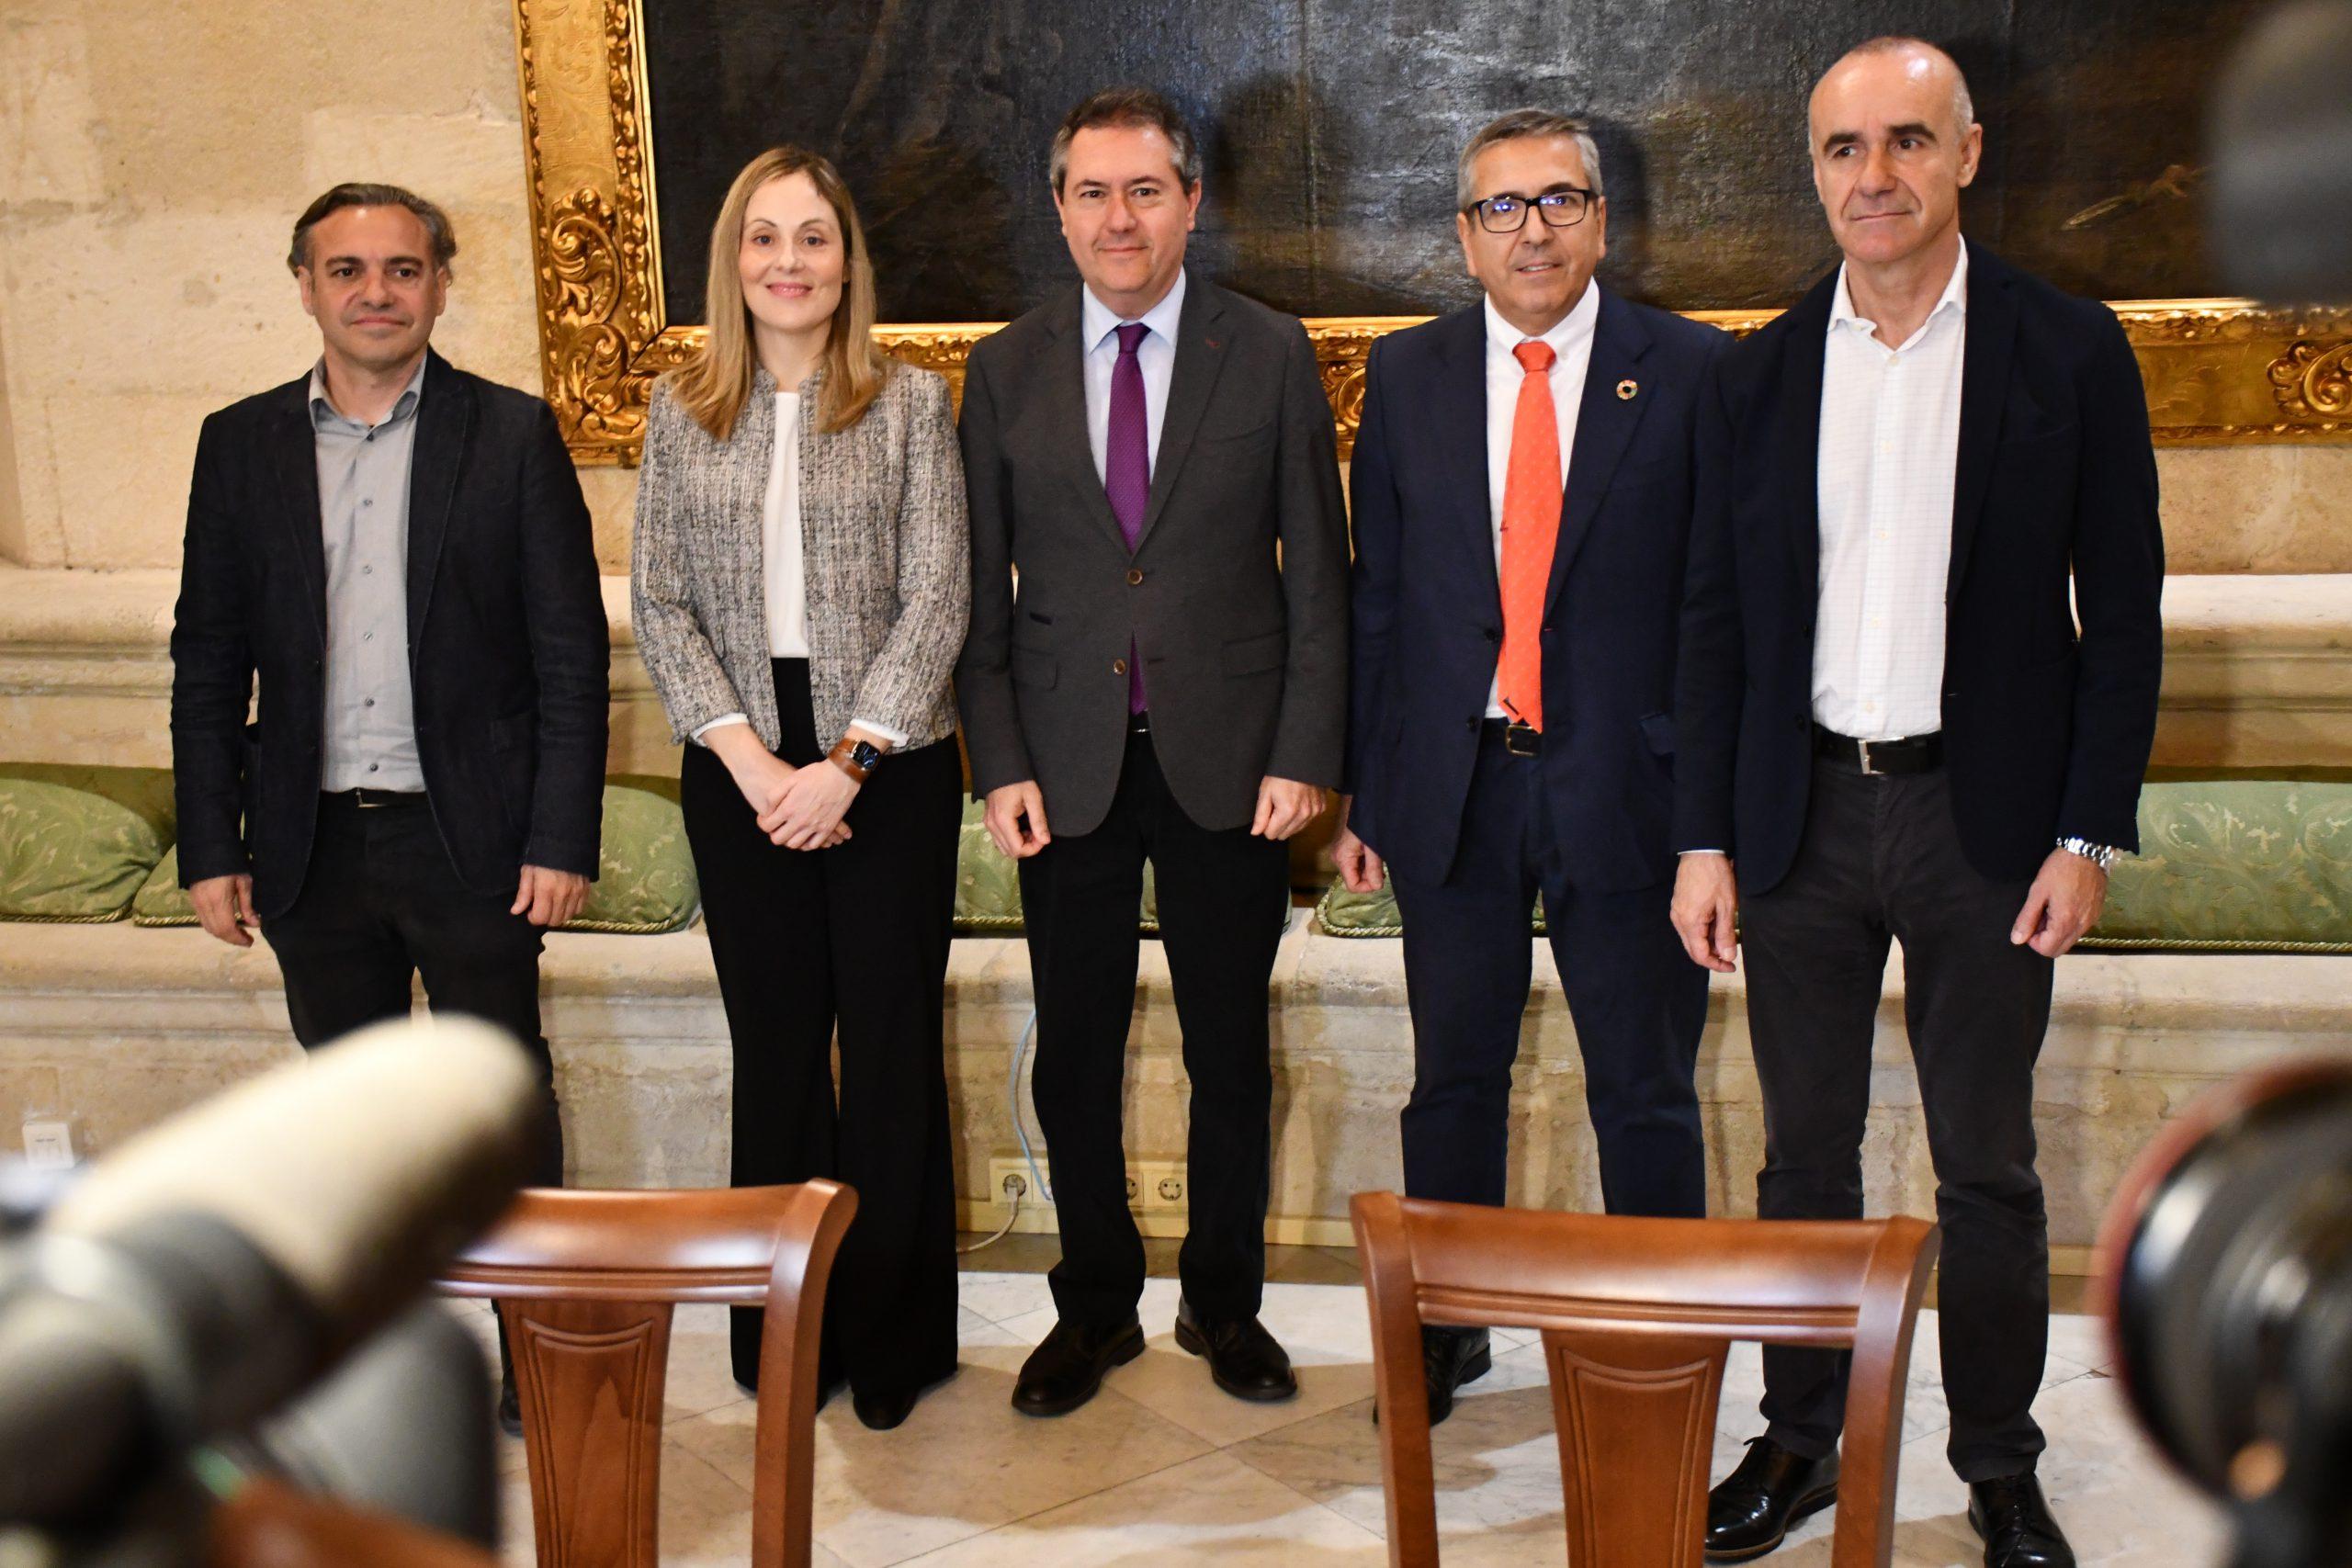 Emvisesa asegura la puesta en uso de más de 700 viviendas sociales gracias al acuerdo de financiación, auspiciado por el Ayuntamiento de Sevilla, con el Banco Europeo de Inversiones y el Instituto de Crédito Oficial